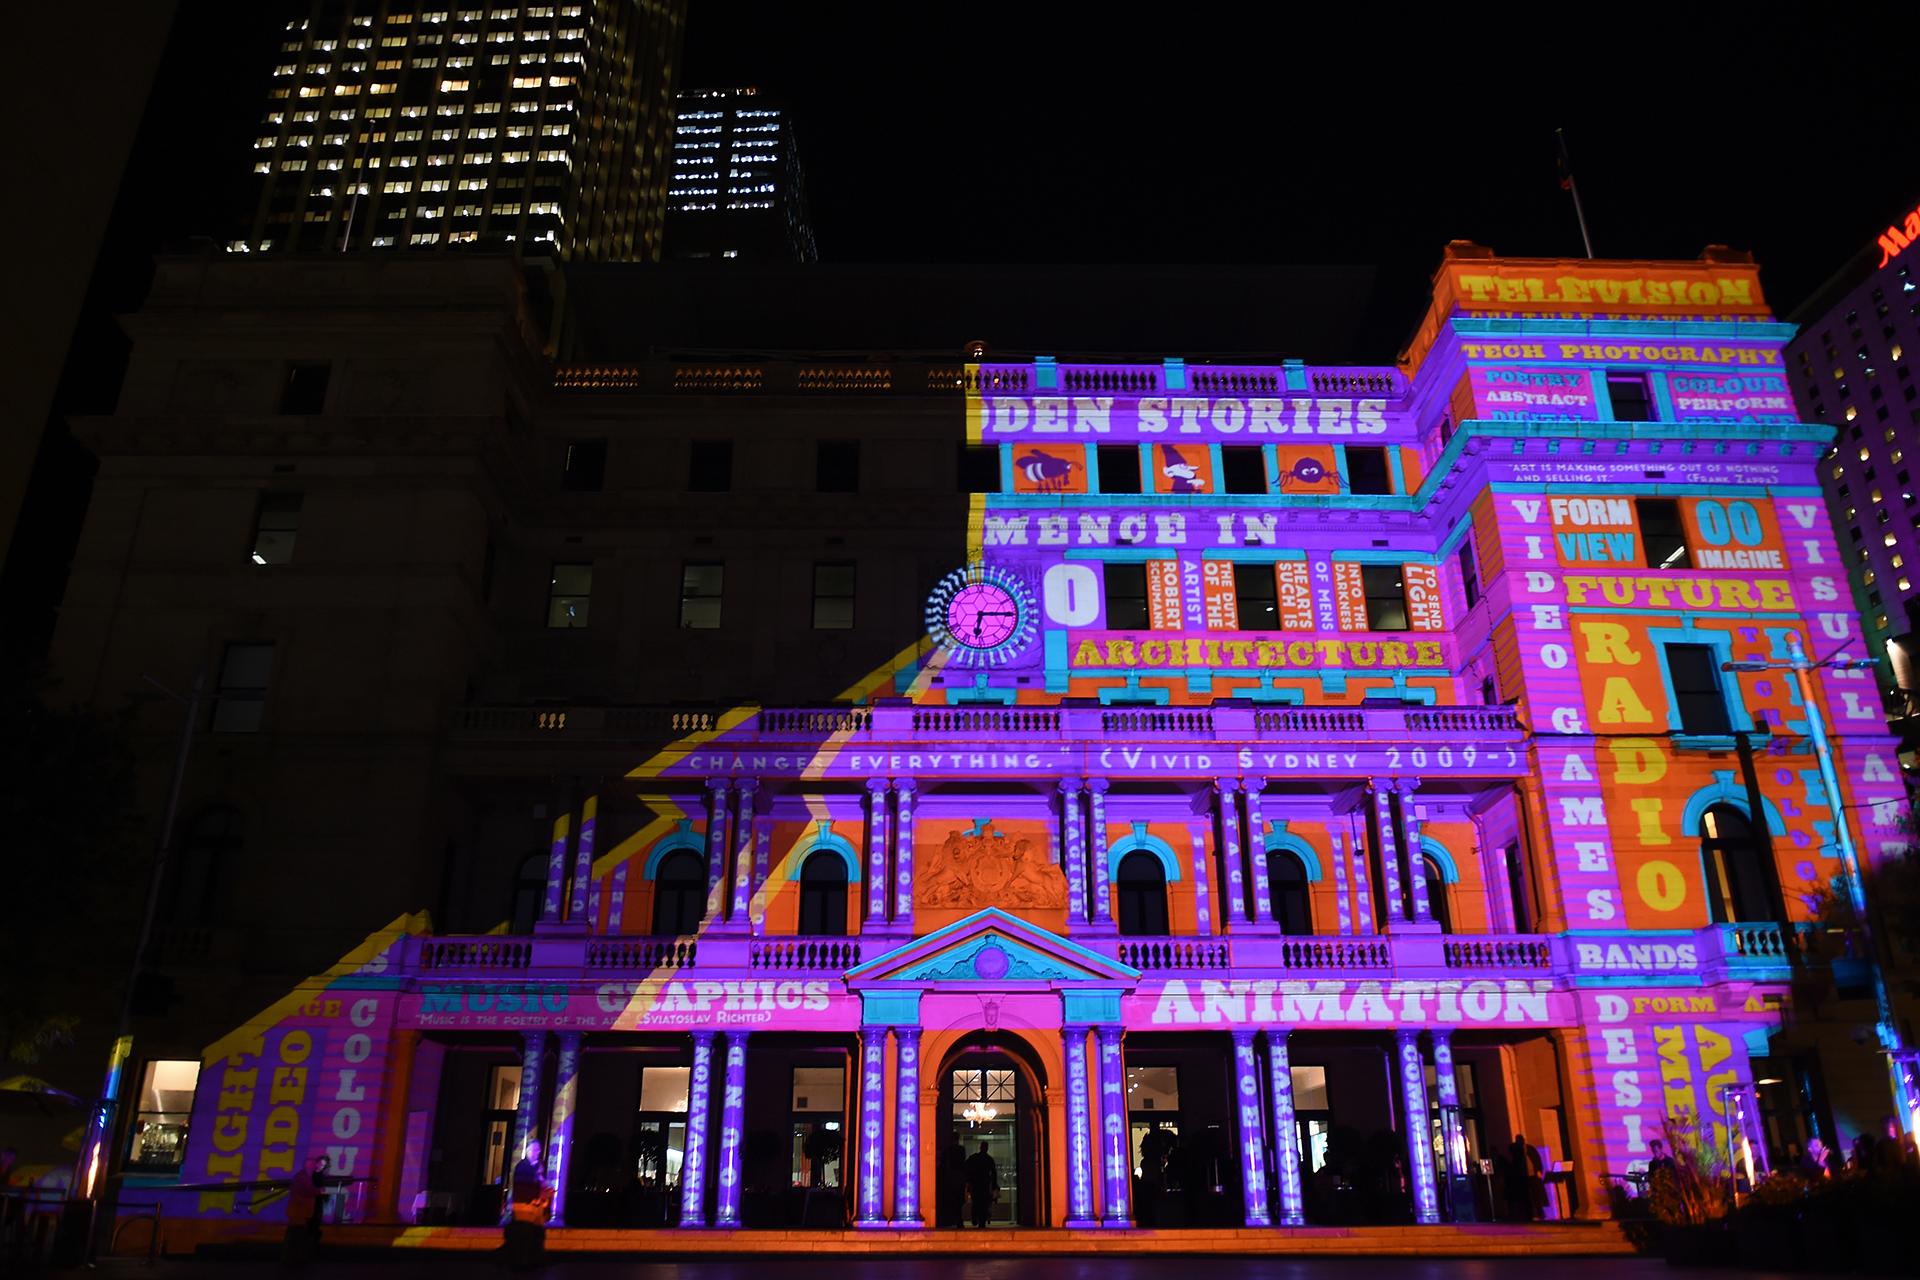 Инсталляция «Тайные истории» в рамках Фестиваля света в Сиднее, Австралия, 26 мая 2016 года. EPA / DEAN LEWINS